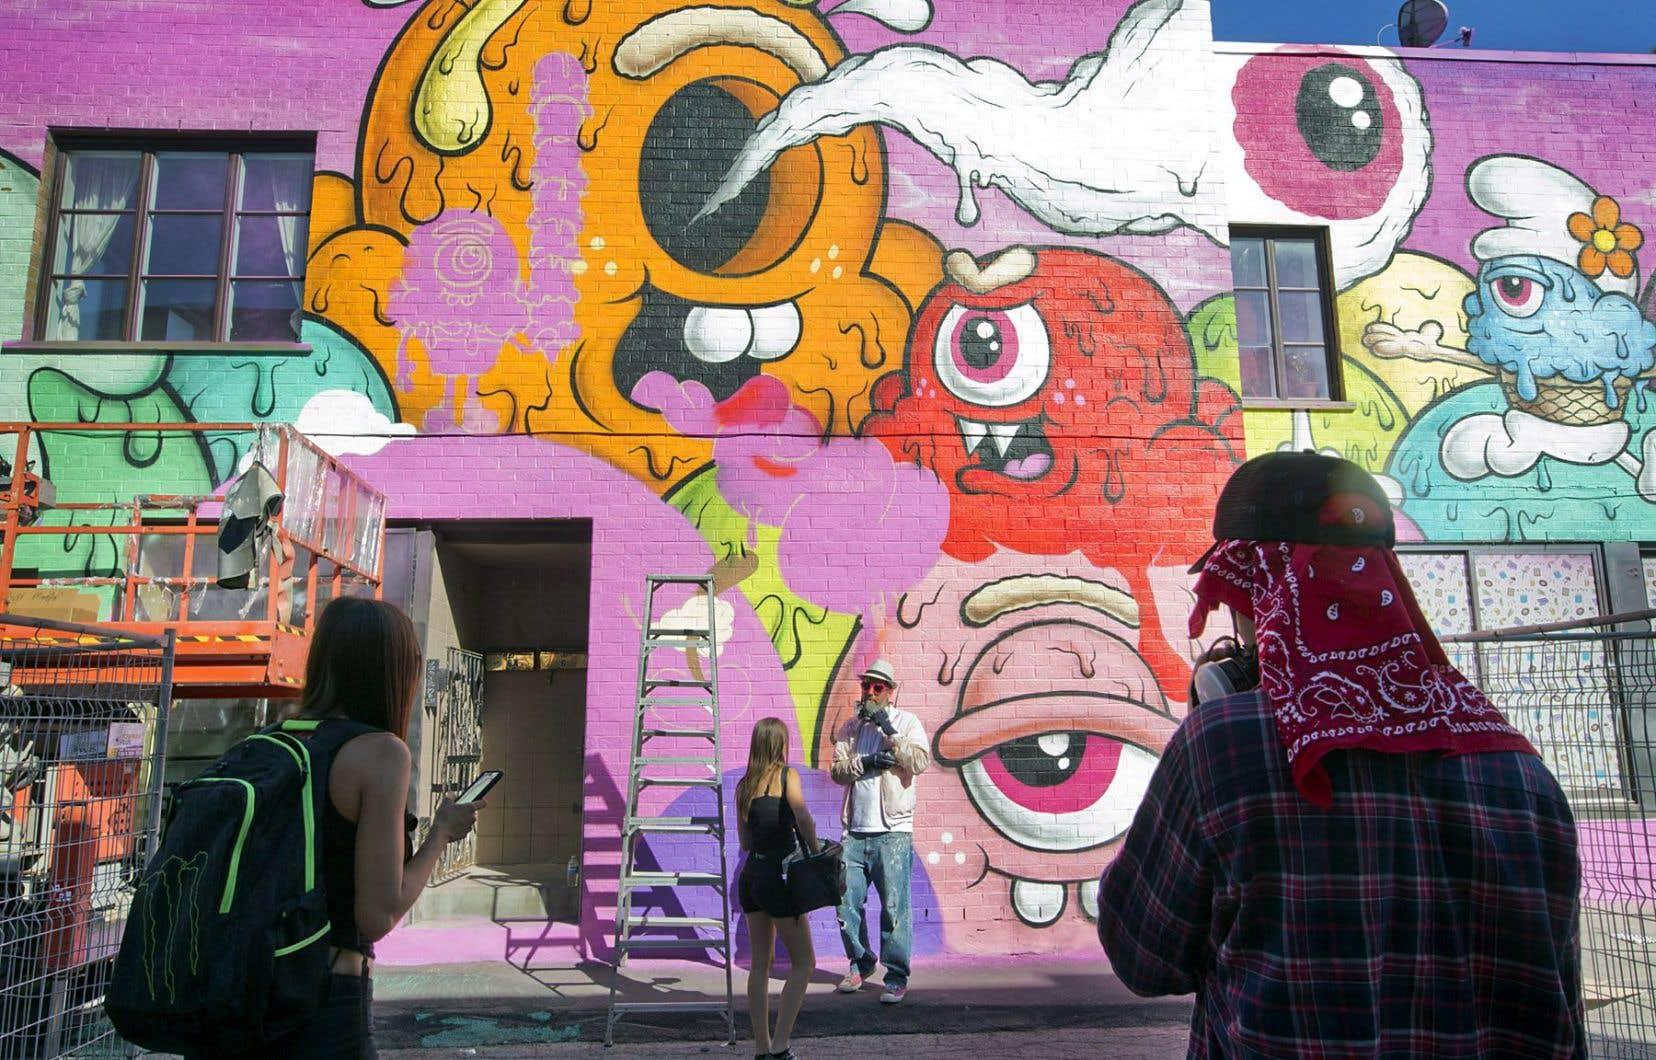 Par le festival Mural, le graffiti est valorisé, mais uniquement dans sa forme institutionnalisée, régulée par des promoteurs d'événements, disent les auteurs.